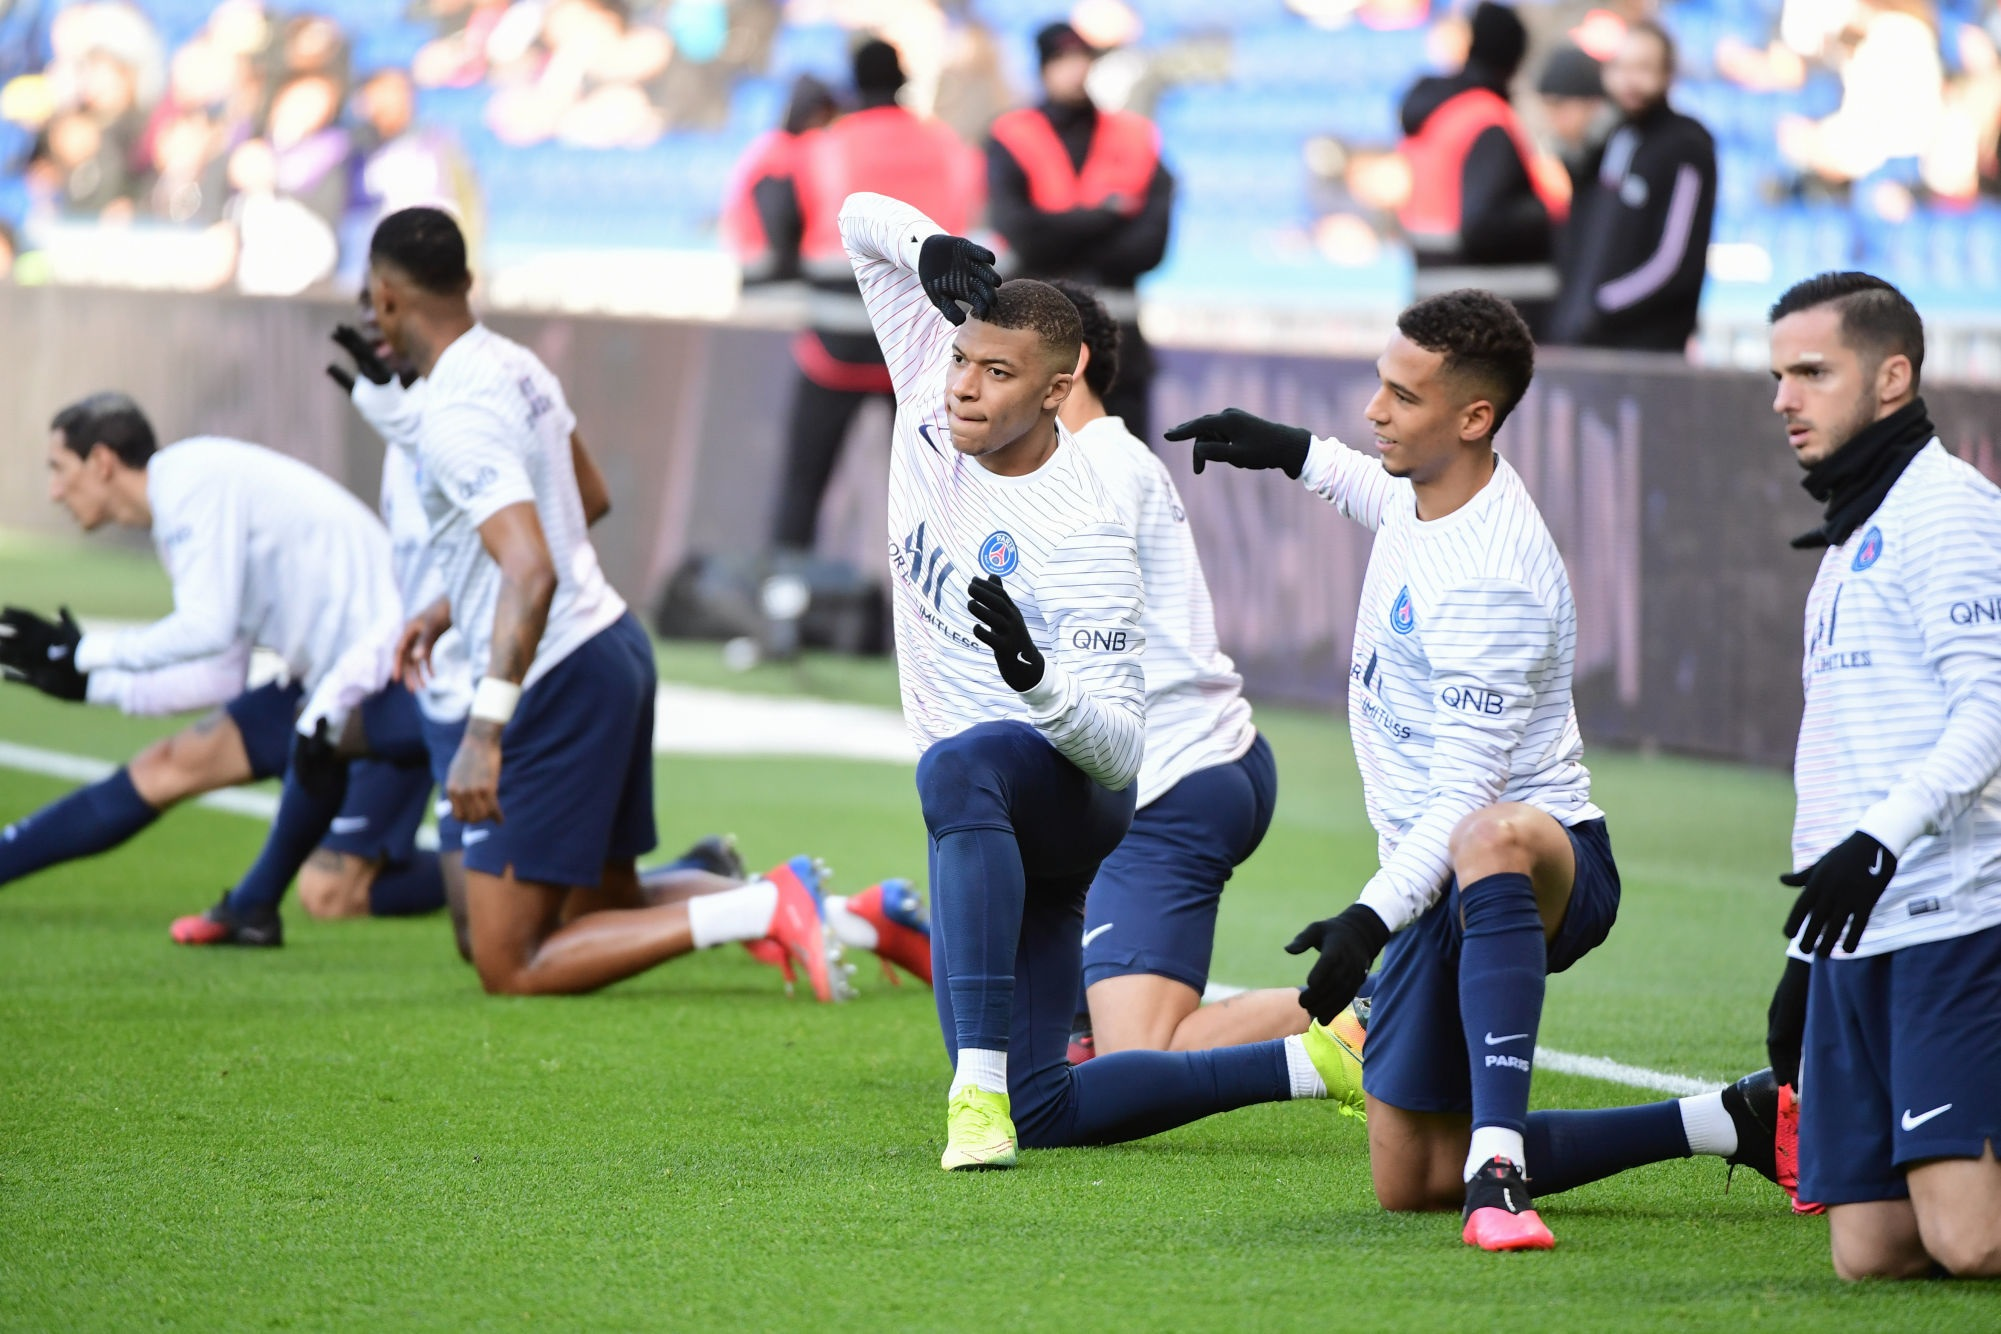 PSG/OL - Suivez le début de l'entraînement des Parisiens ce jeudi à 18h15